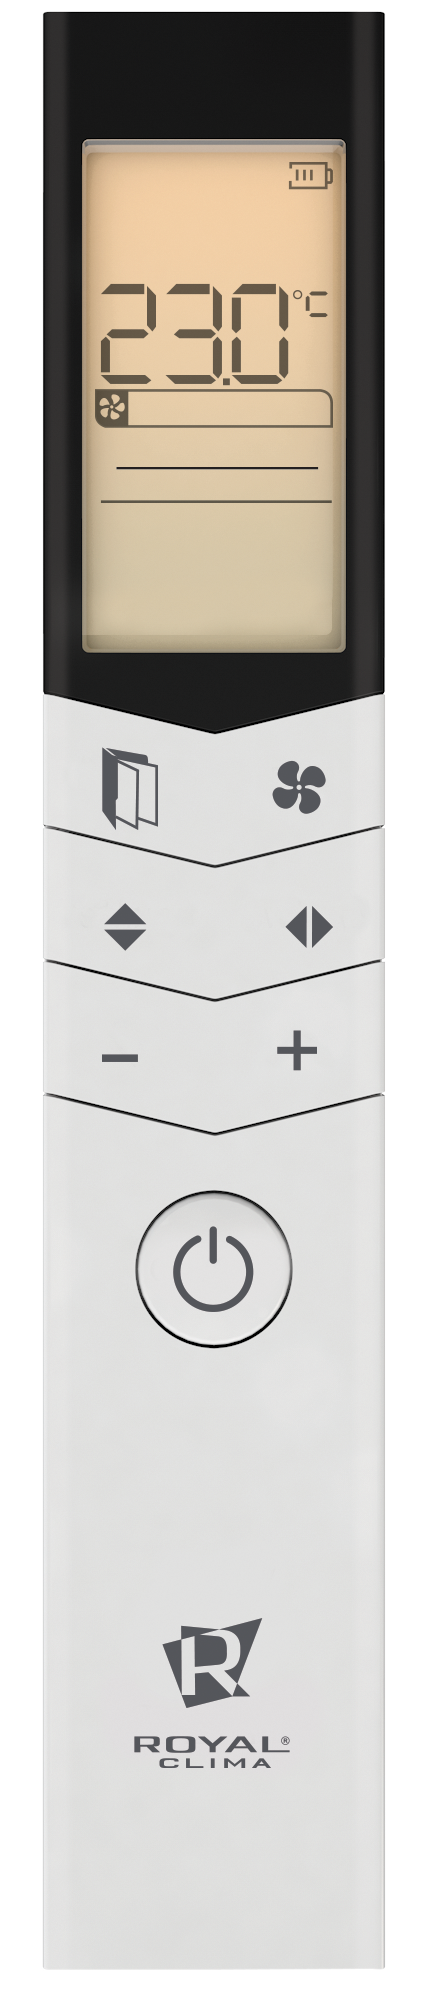 Классическая сплит-система серии TRIUMPH RC-TW39HN